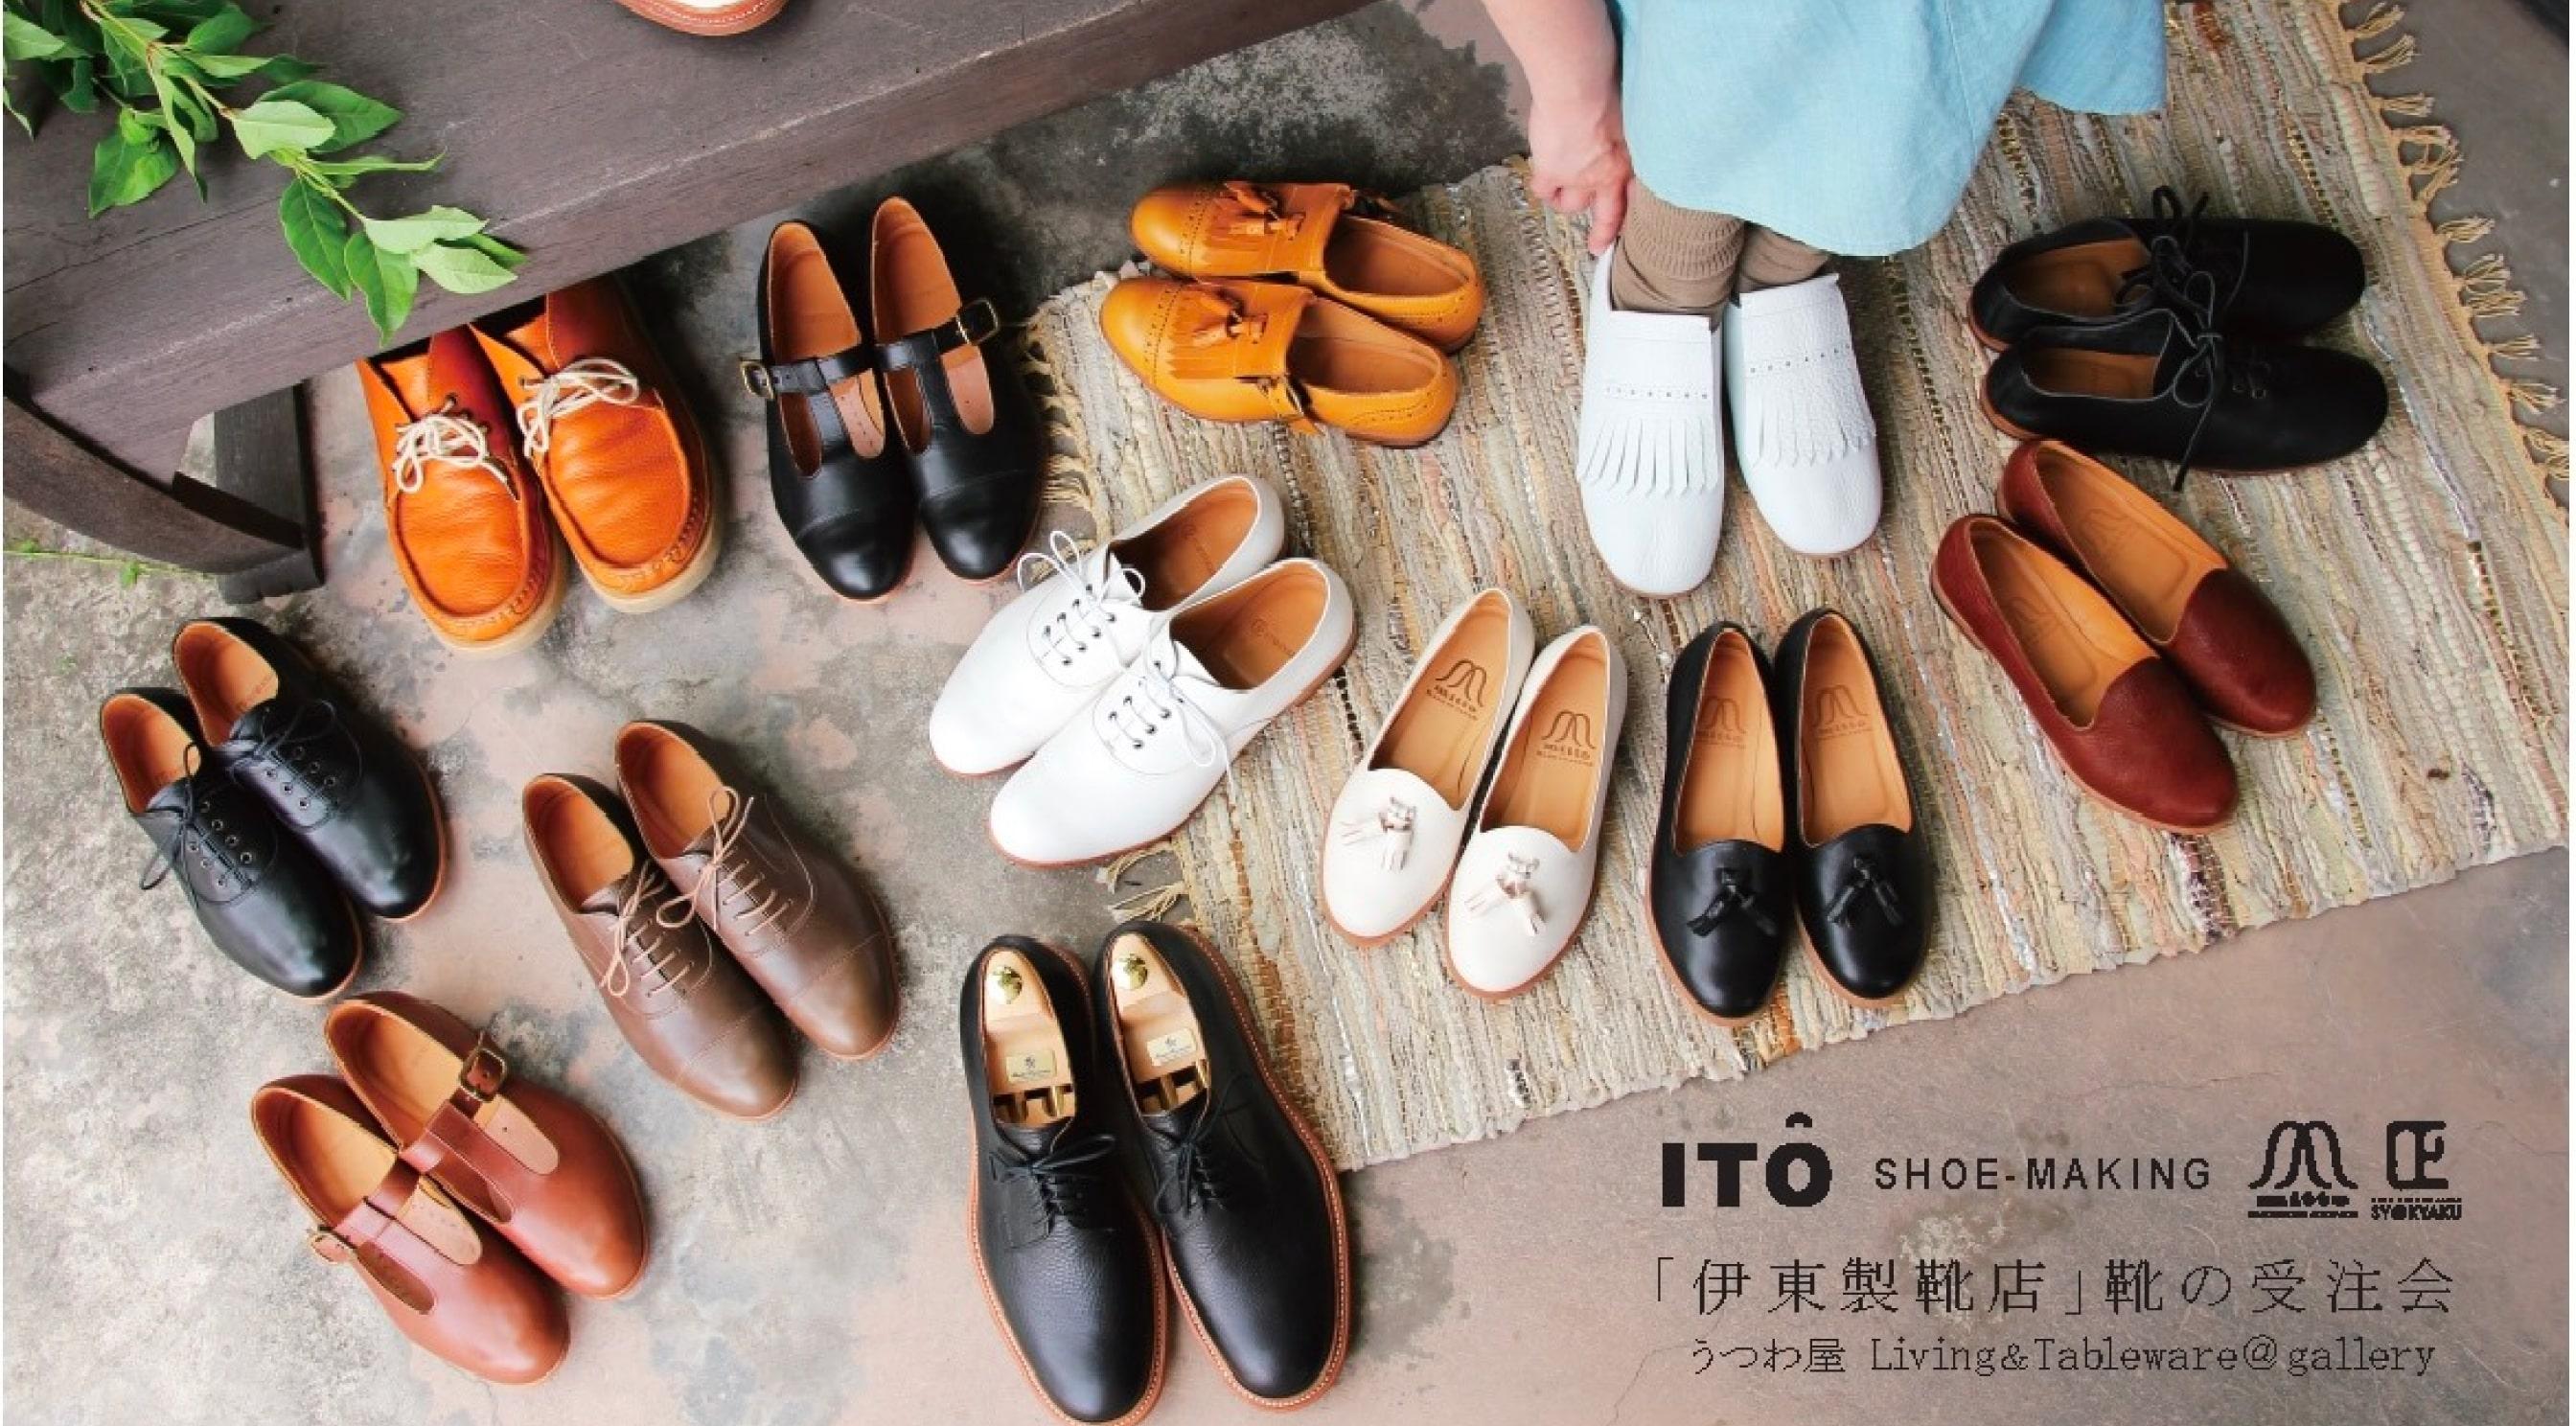 伊東製靴店靴の受注会